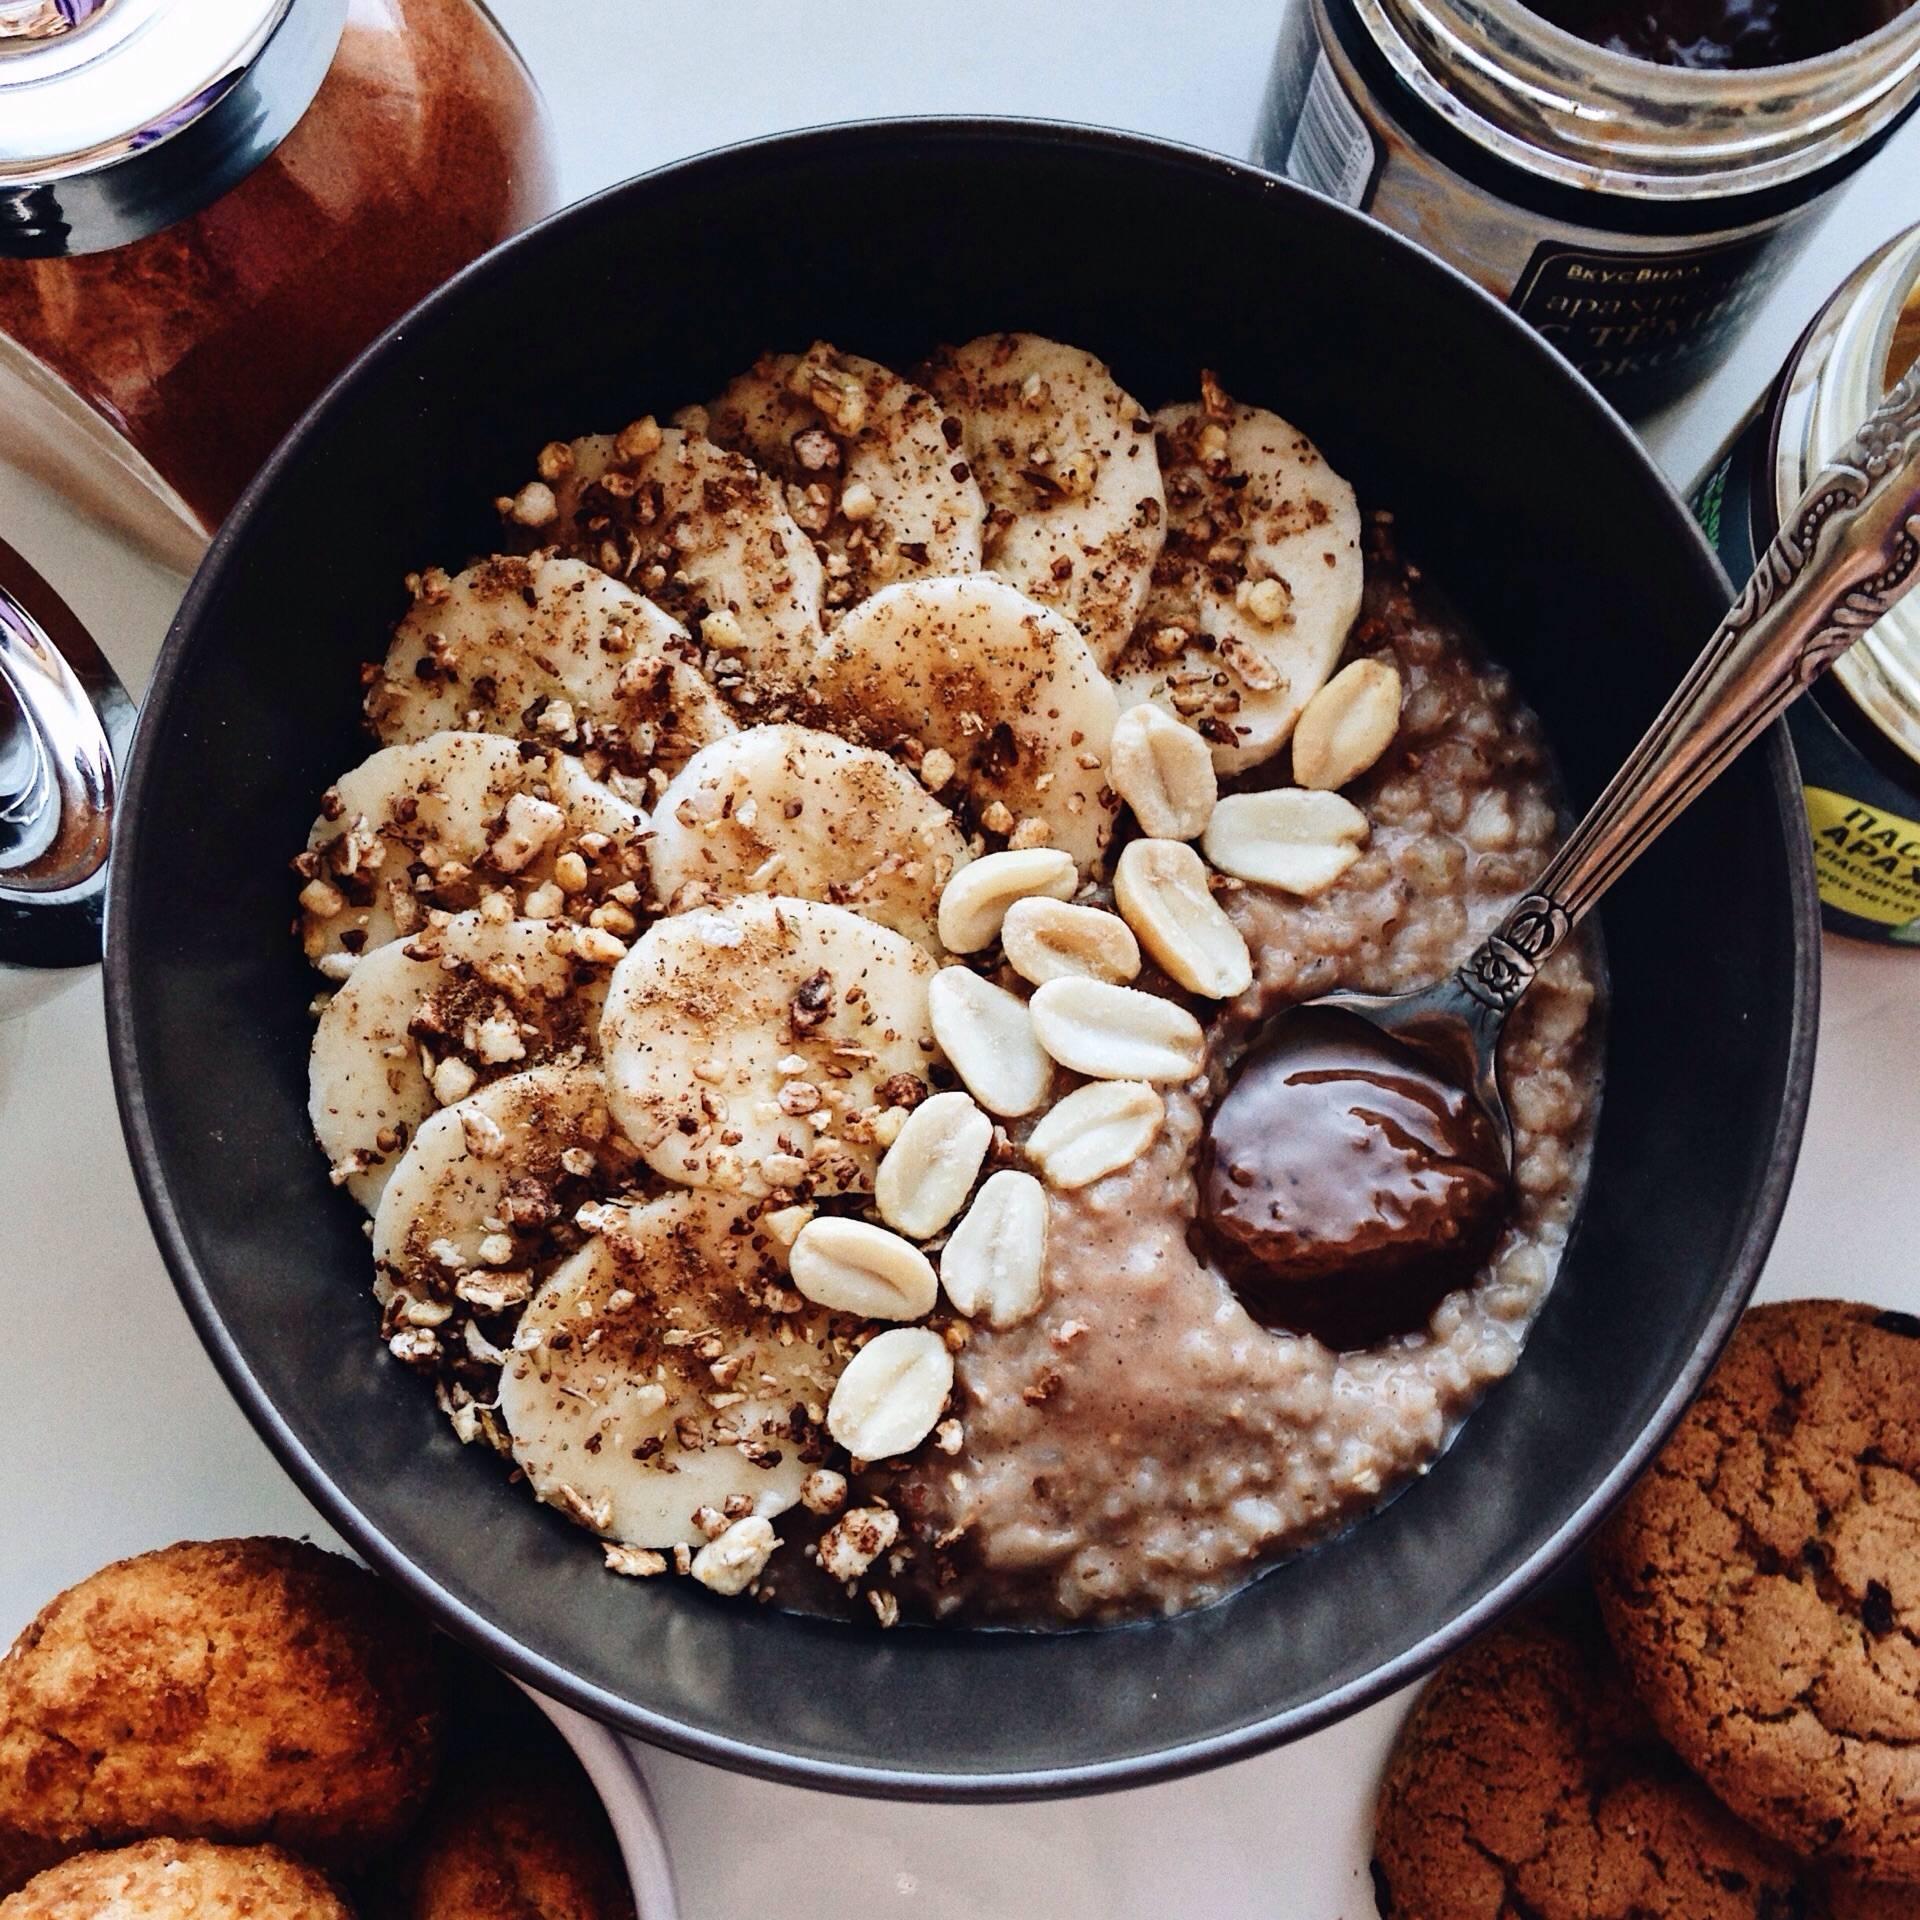 Торт сникерс в домашних условиях - 10 простых рецептов с фото пошагово